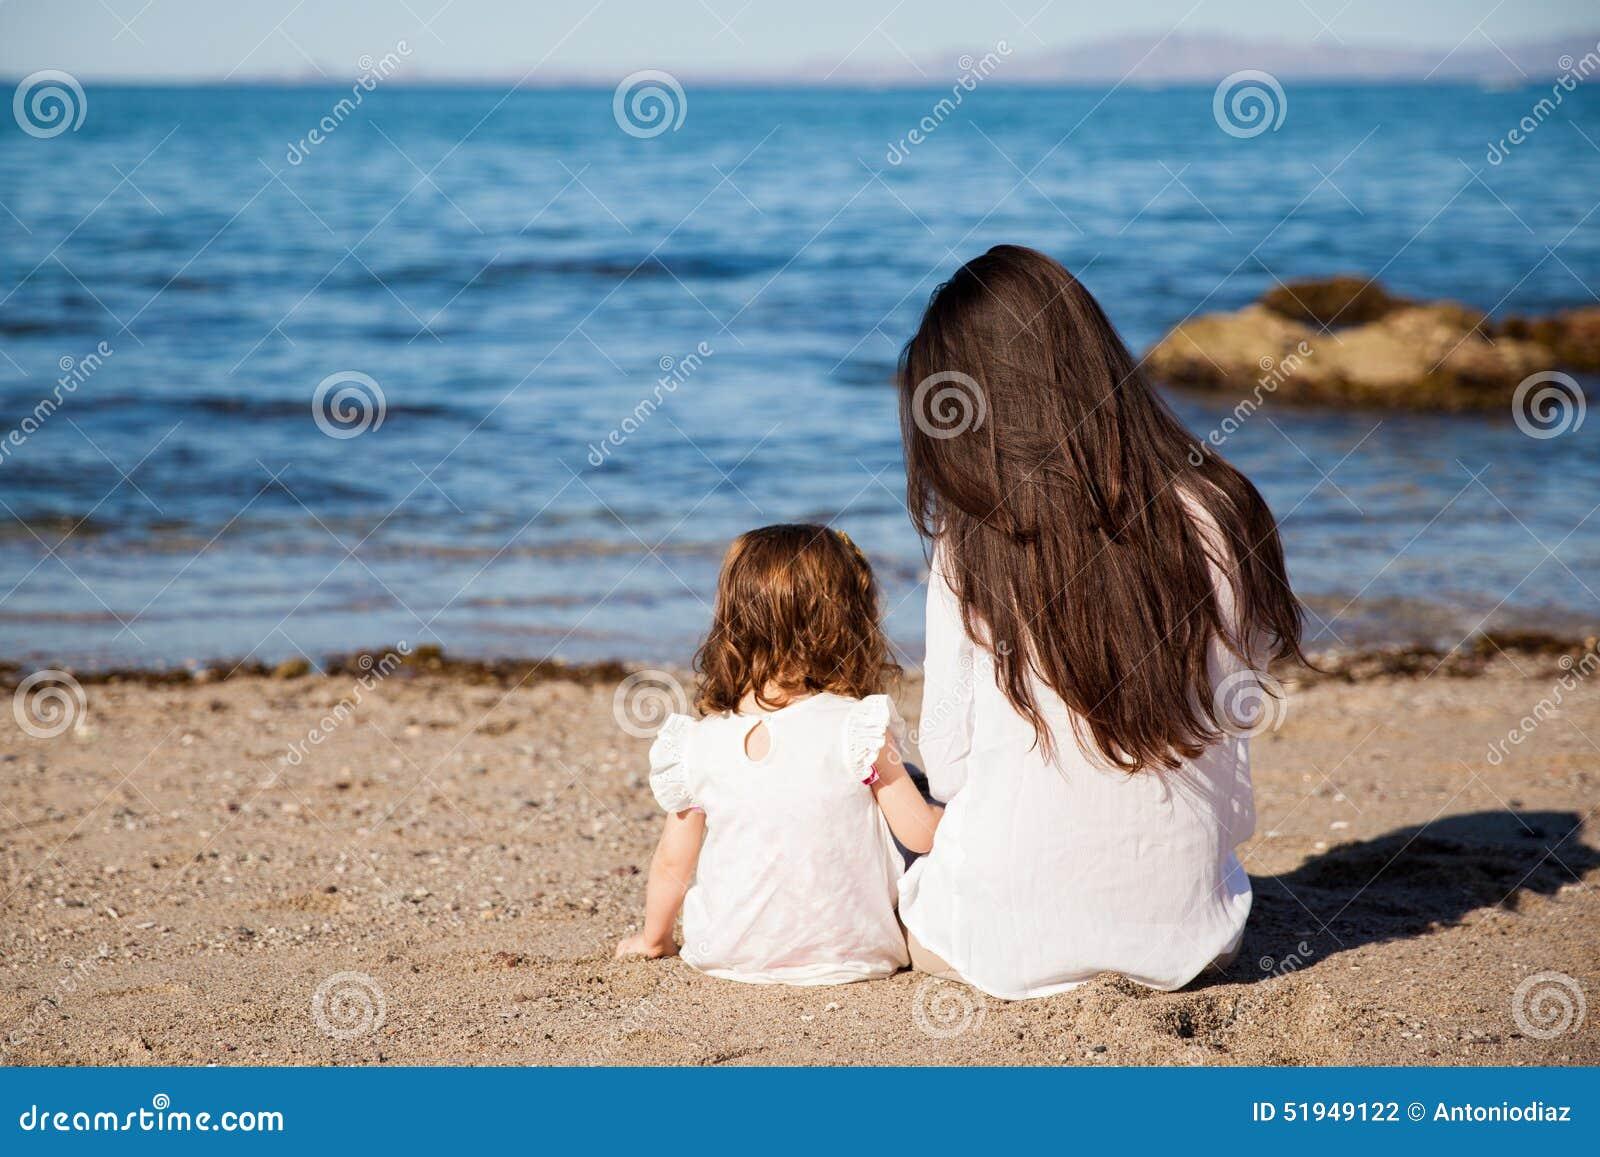 maman et fille la plage photo stock image du d tente 51949122. Black Bedroom Furniture Sets. Home Design Ideas